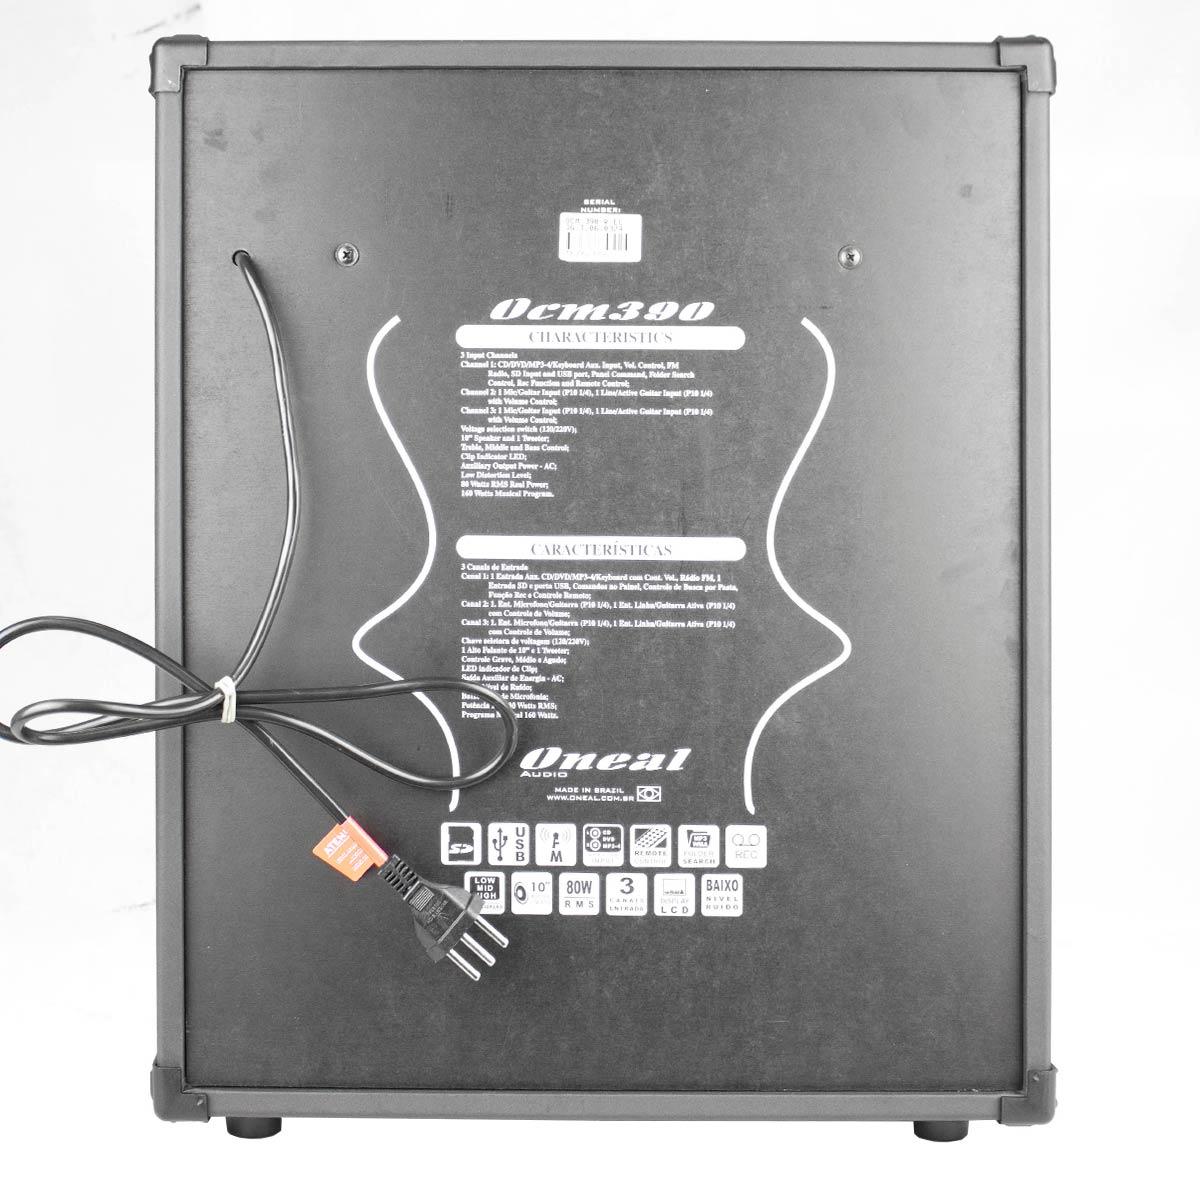 Cubo Multiuso Ativo Fal 10 Pol 80W c/ USB - OCM 390 Oneal